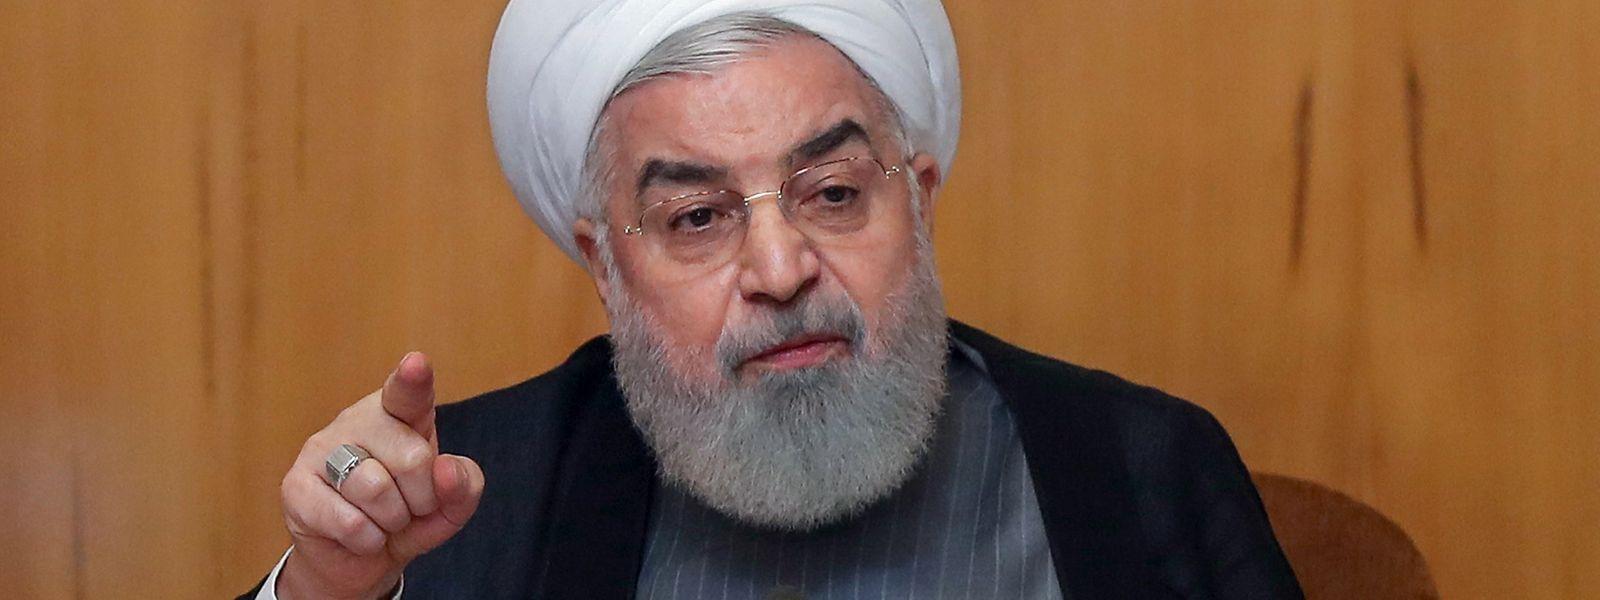 Le président Hassan Rouhani n'a pas reçu de soutien clair de son allié russe.